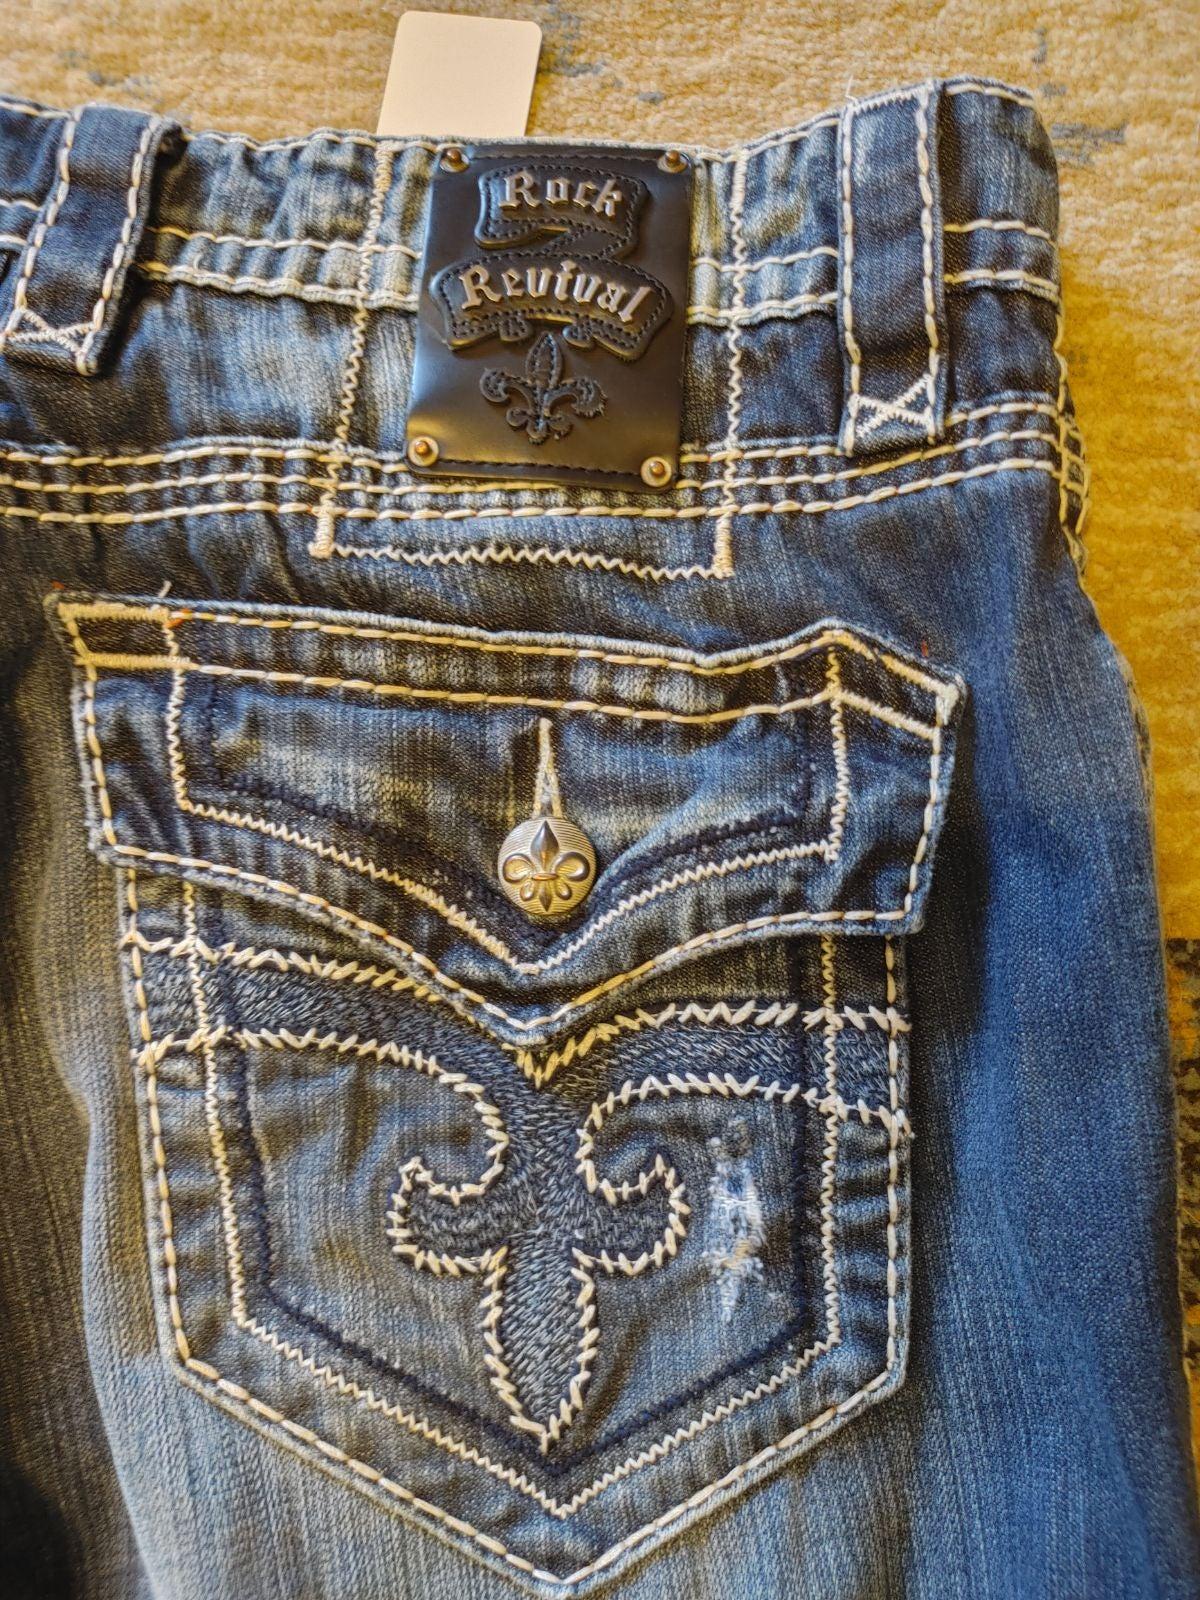 Men's Rock Revival Jeans Size 36x30